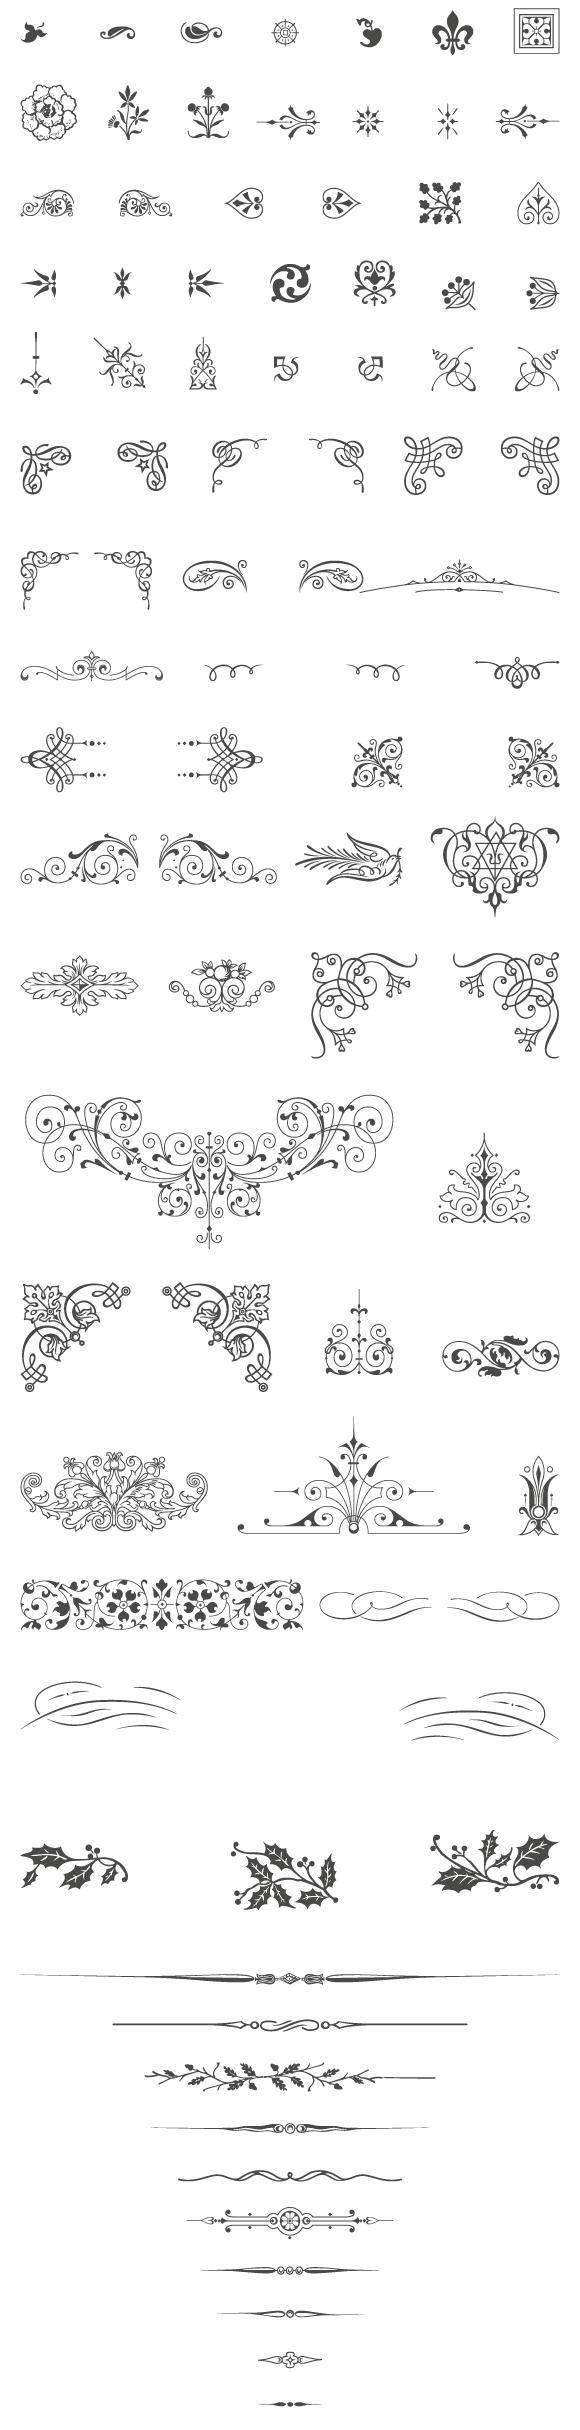 free vector 85 Free Vintage Vector ornaments